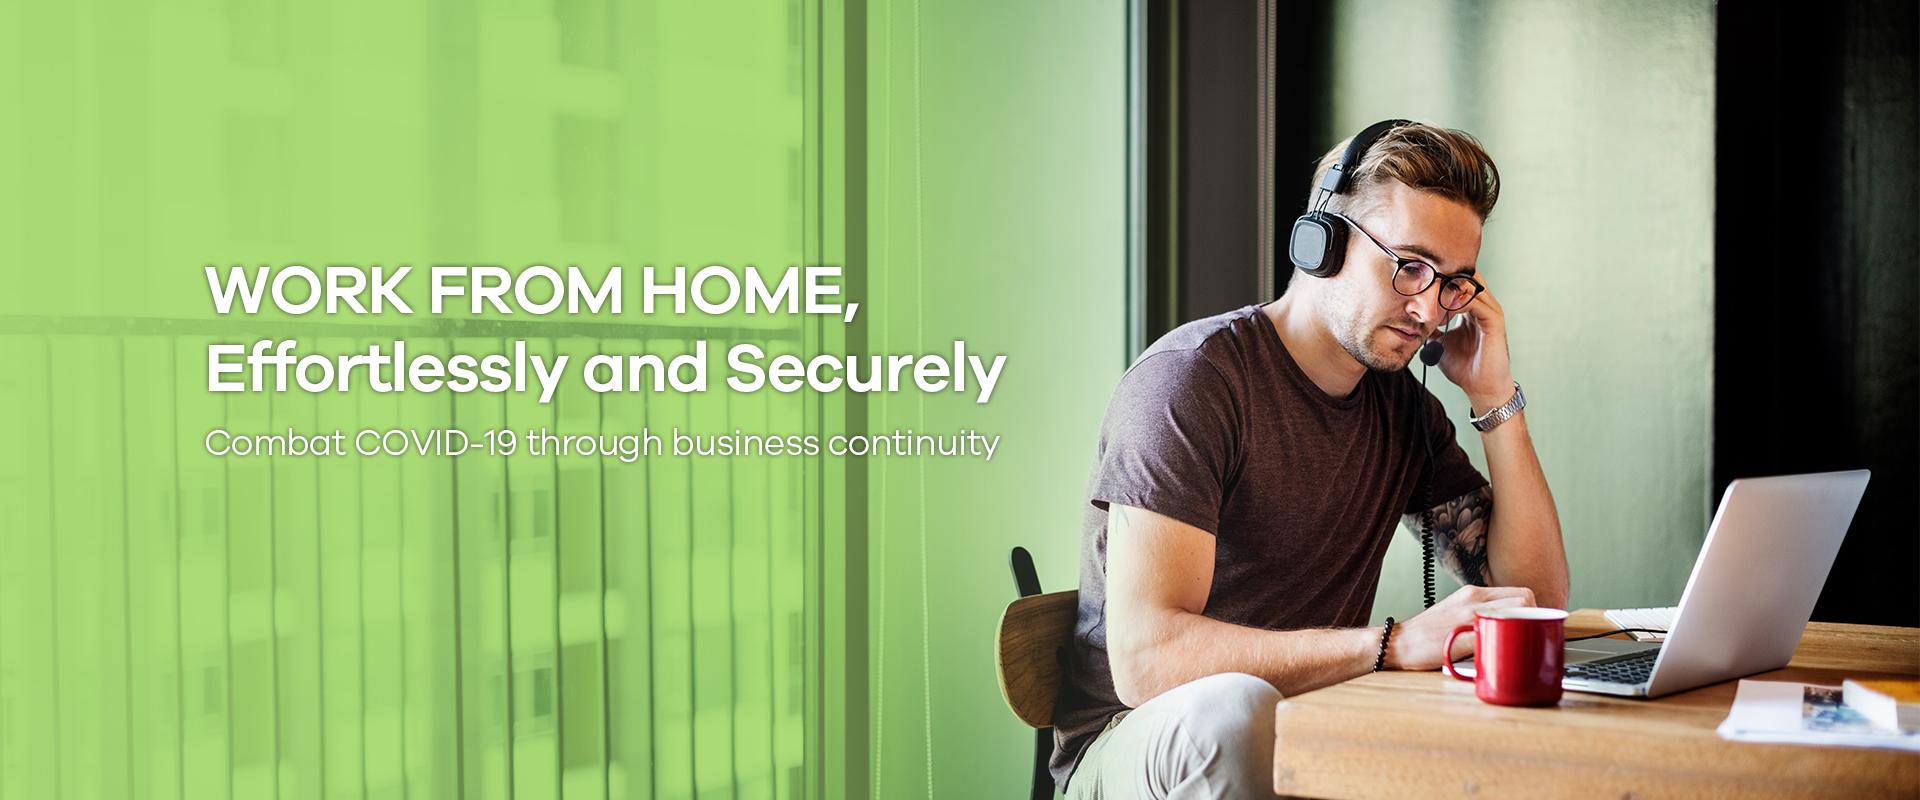 Zyxel offre supporto tecnico per dare assistenza durante lo smart working